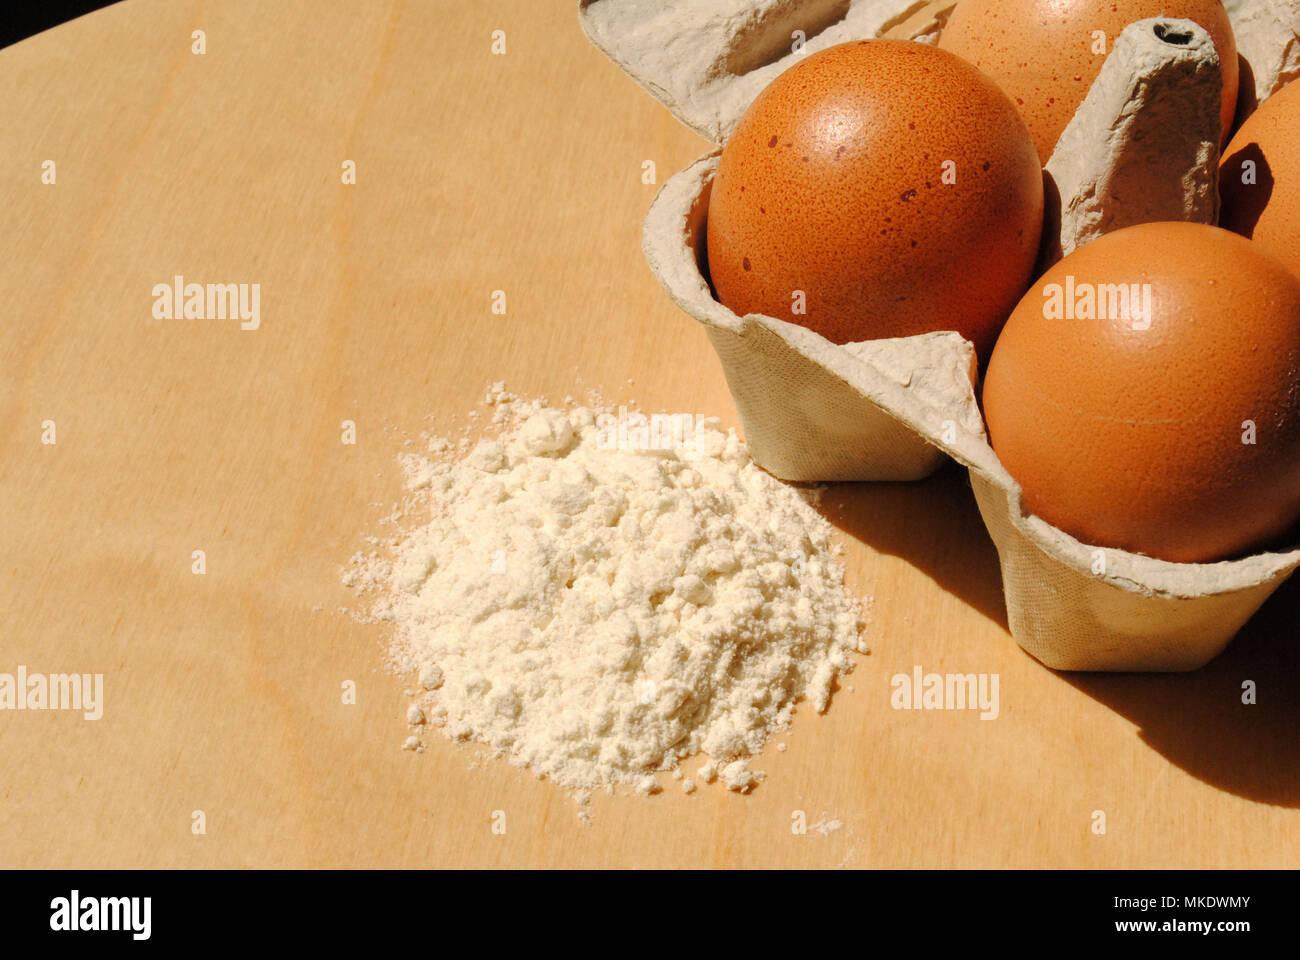 Un primo piano di cottura Ingredienti e attrezzature. Immagini Stock